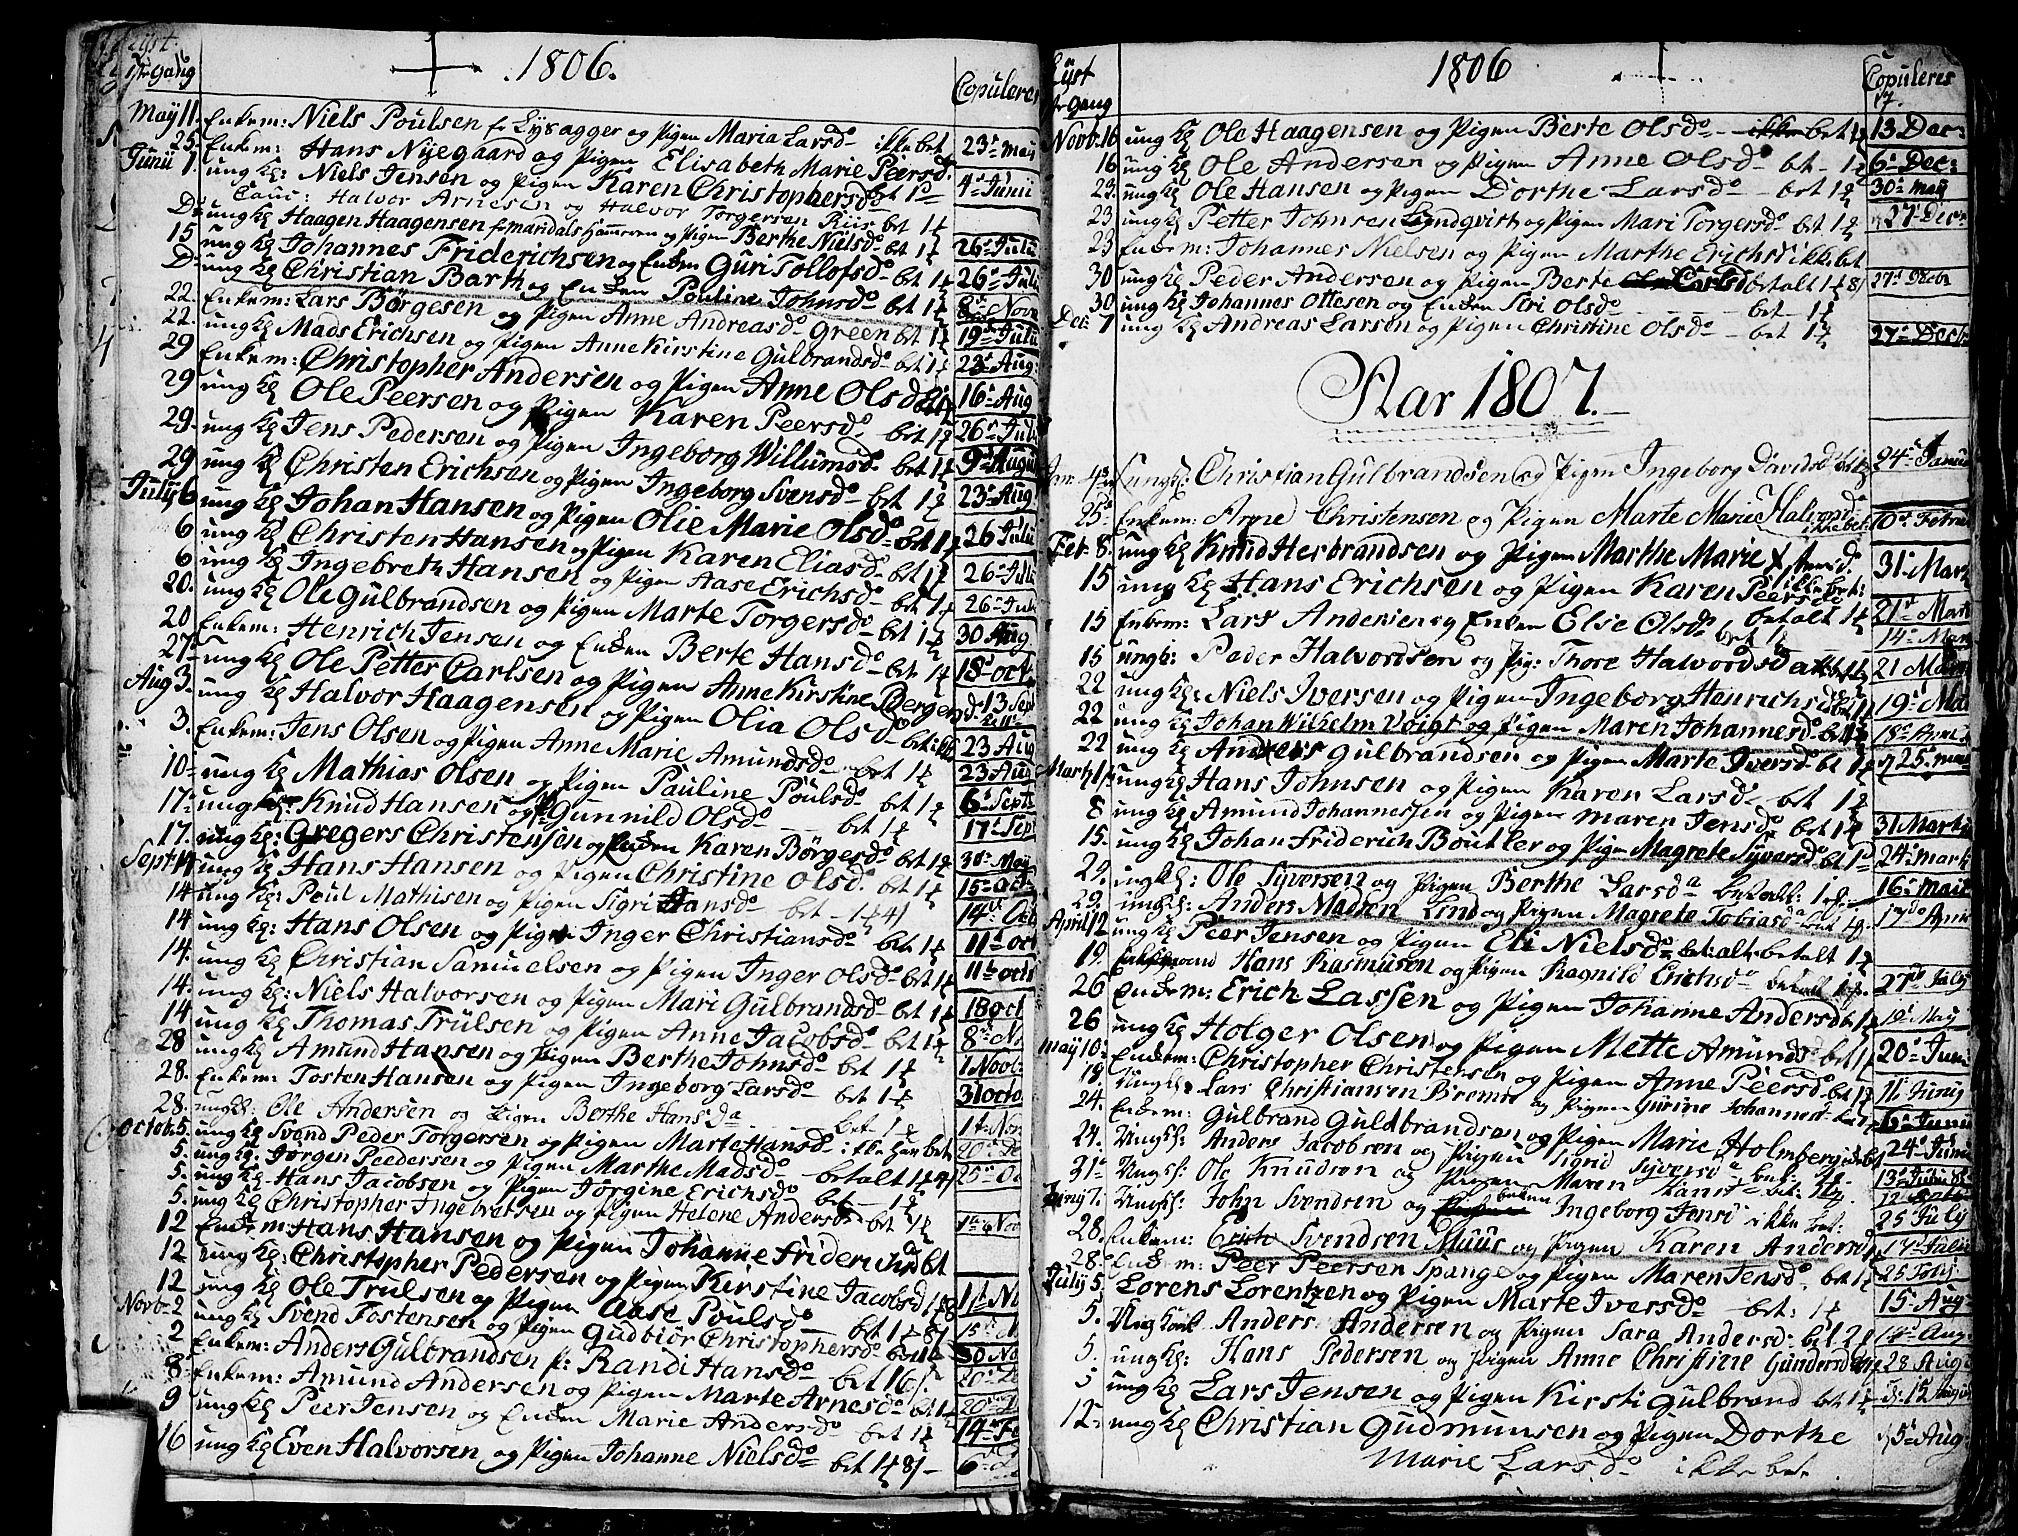 SAO, Aker prestekontor kirkebøker, G/L0001: Klokkerbok nr. 1, 1796-1826, s. 16-17